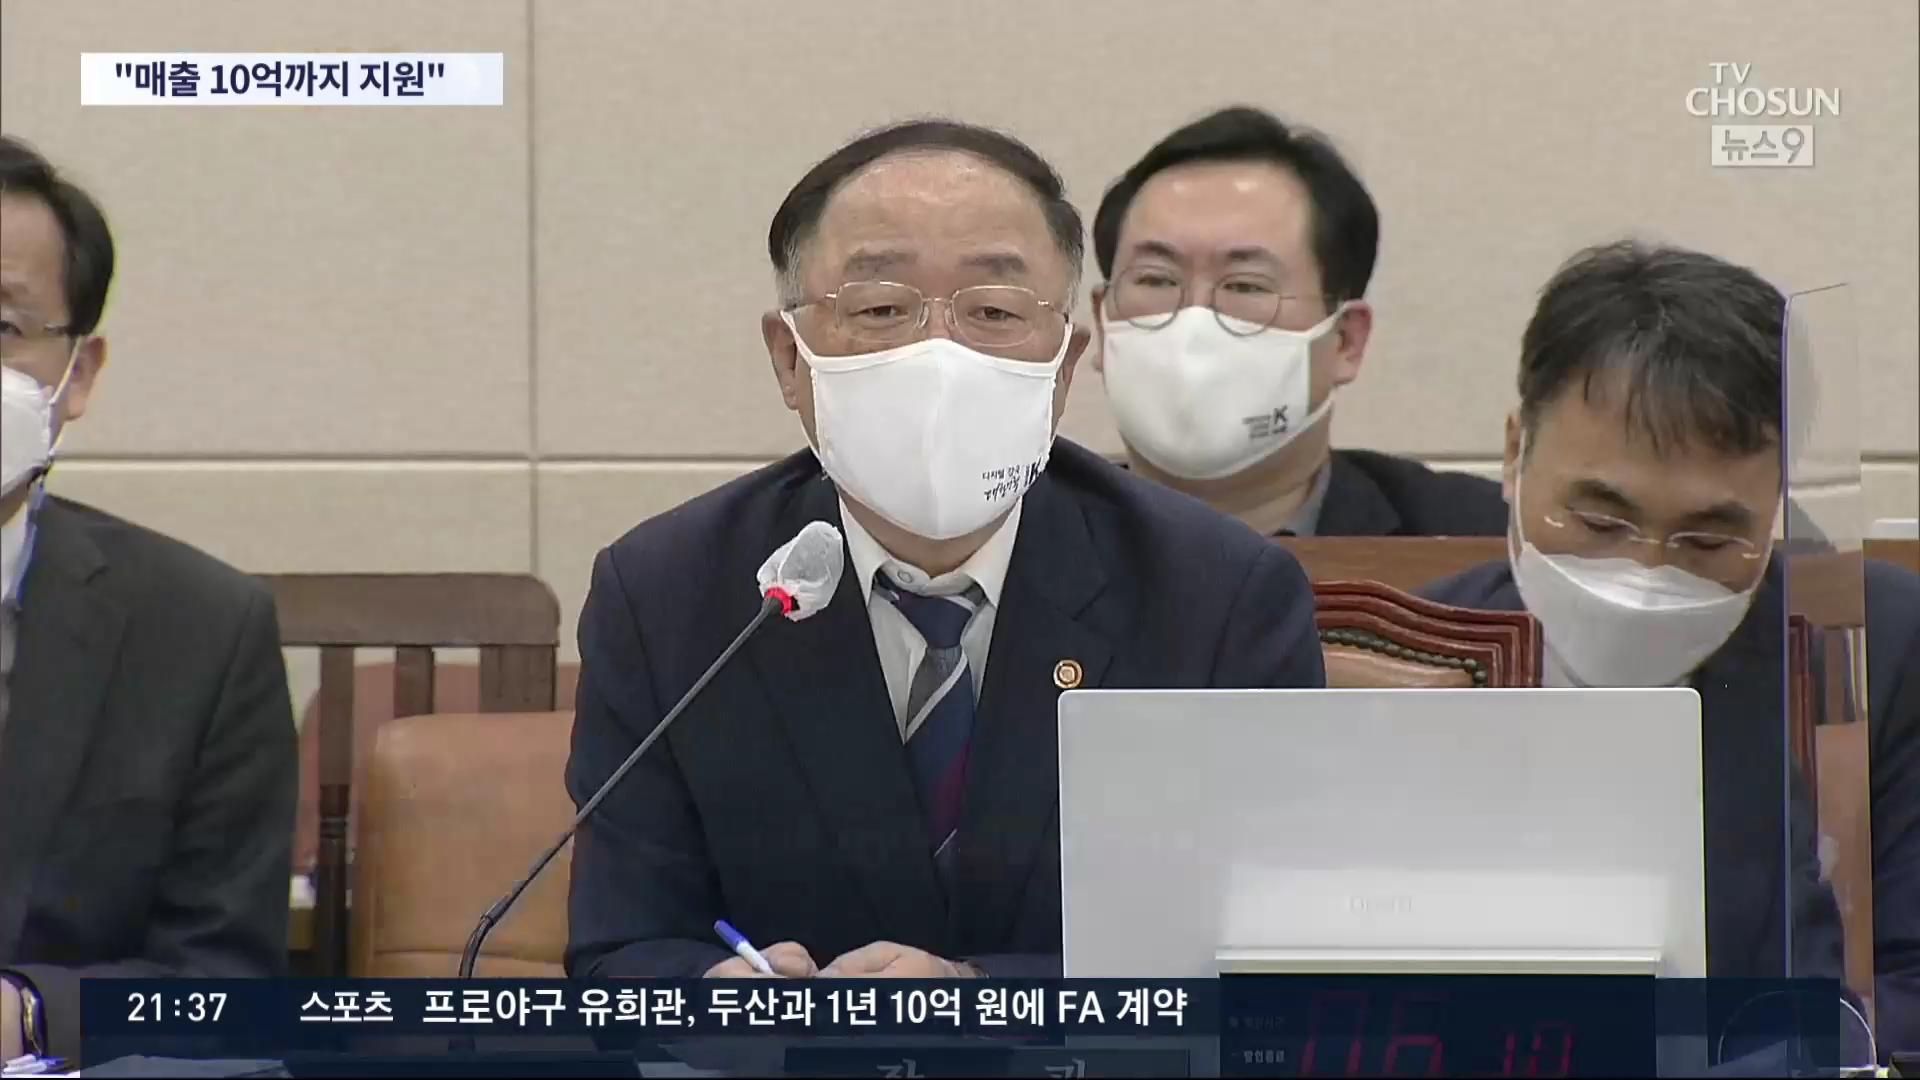 洪 '매출 10억까지 지원금 검토'…野 '선거 후 지급 왜 안되나'